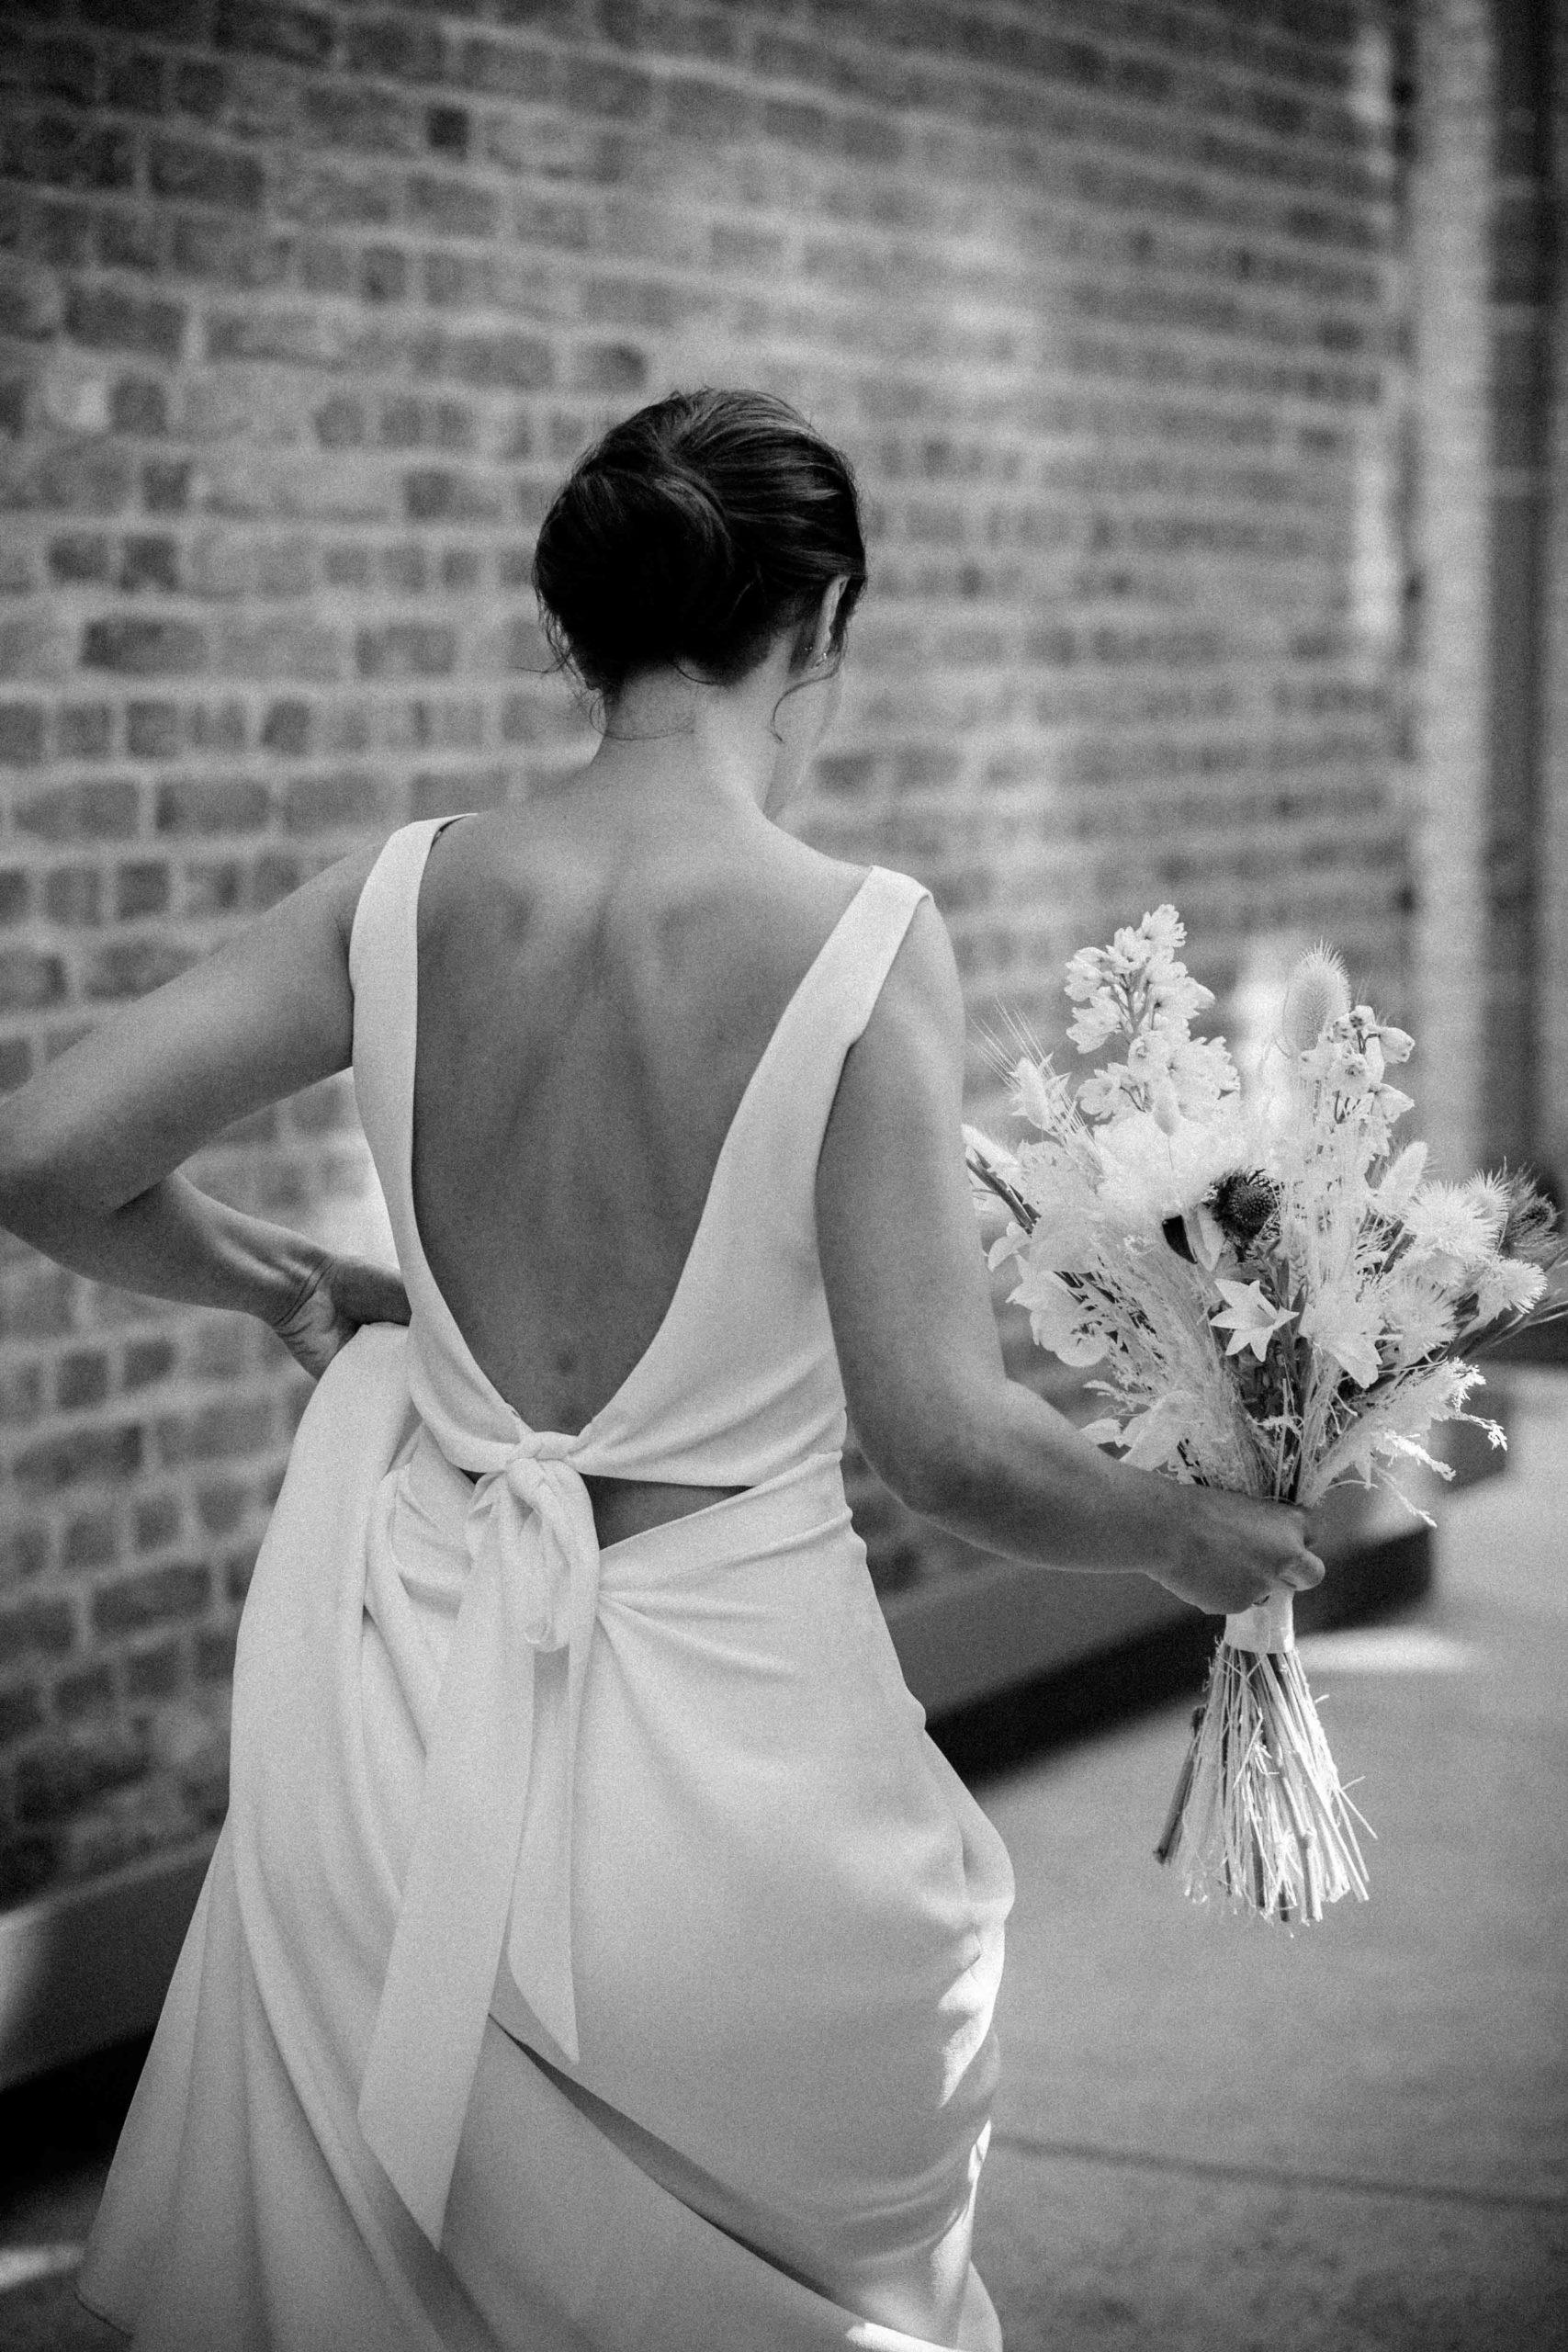 Schwarz-weiss Fotografie, Model mit rückenfreiem Brautkleid mit V-Ausschnitt, Rückenansicht, Hochformat